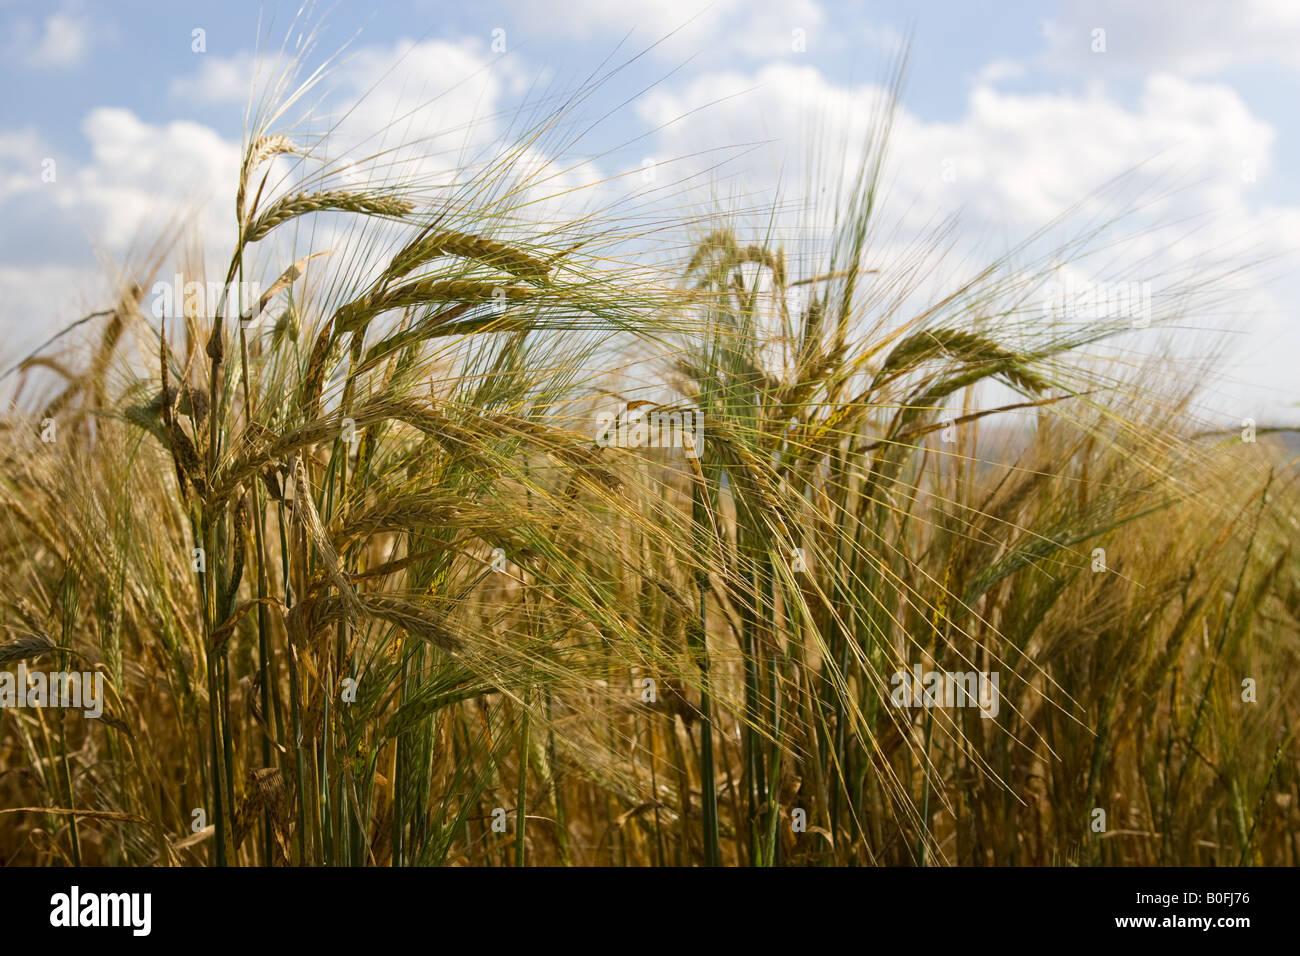 La maduración de la cebada en el agua Bourton Los Cotswolds Gloucetershire Reino Unido Imagen De Stock